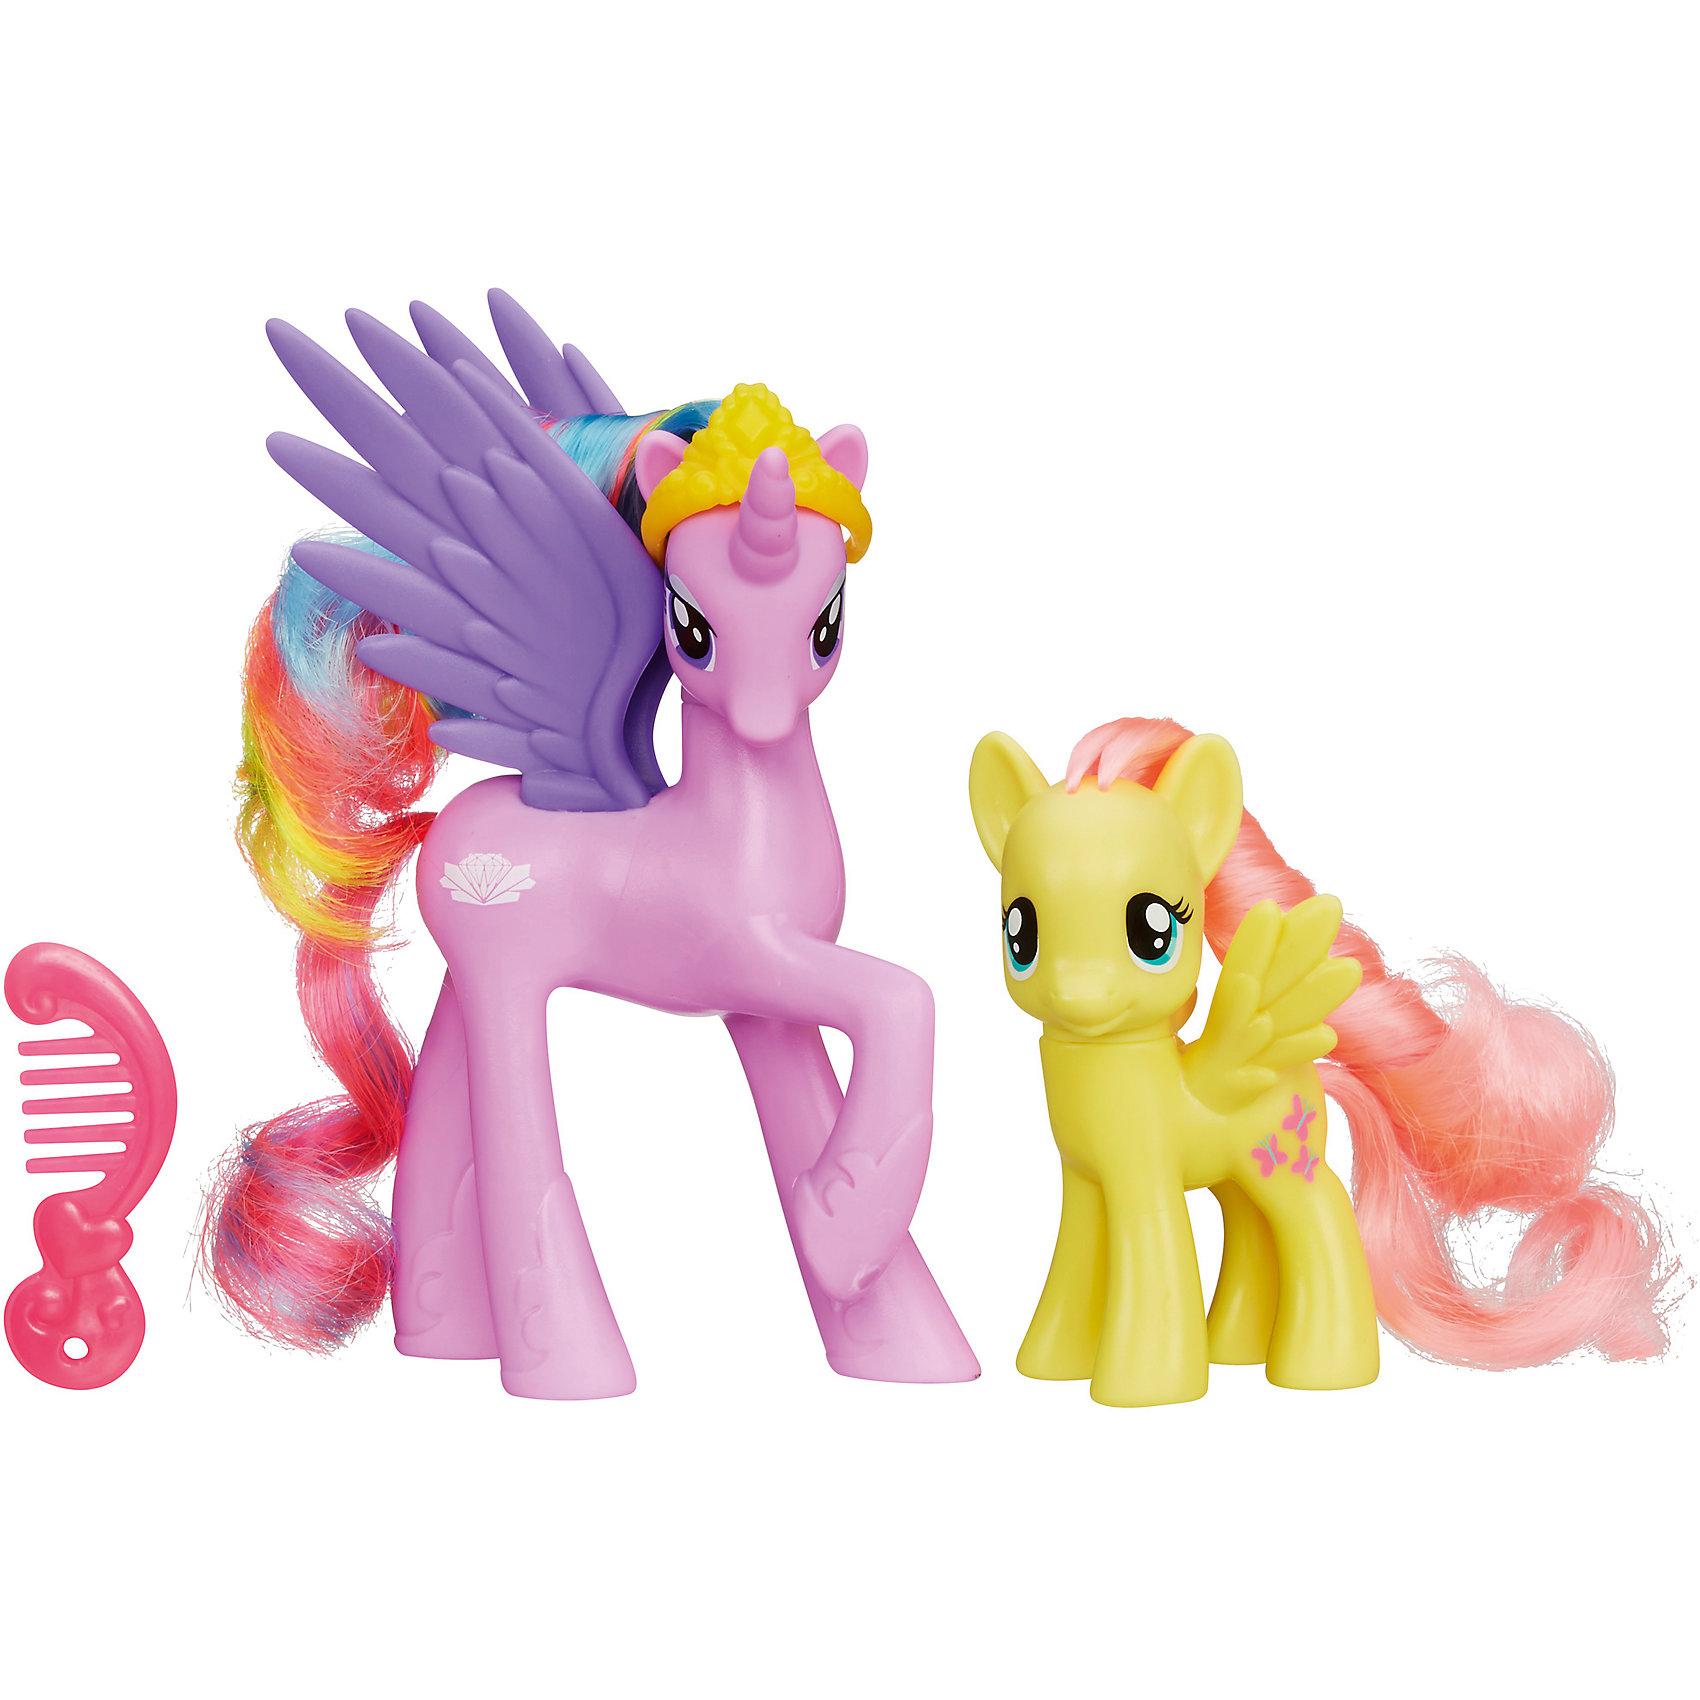 Игровой набор Принцессы My Little Pony, A2004/A9882Игровой набор Принцессы My Little Pony, A2004/A9882.<br><br>Характеристики:<br><br>- В наборе: 2 лошадки, аксессуары<br>- Размер лошадок: 12 и 8 см.<br>- Материал: высококачественный пластик<br>- Размер упаковки: 19,5х5,5х16,5 см.<br><br>Игровой набор Принцессы включает в себя 2 знаменитых персонажей мультсериала Моя маленькая пони. Дружба - это чудо! – белоснежную пони-аликорна принцессу Стерлинг и пони Флатершай. Фигурки имеют высокую степень детализации. Голову пони Стерлинг украшает корона. Роскошные цветные гривы и хвостики лошадок можно расчесывать, заплетать косички и делать всевозможные укладки. В комплекте есть маленький гребешок, заколки и браслет на ножку для пони. Головы лошадок на шарнирах и их можно поворачивать. Элементы набора выполнены из высококачественного пластика, безопасны для детей.<br><br>Игровой набор Принцессы My Little Pony, A2004/A9882 можно купить в нашем интернет-магазине.<br><br>Ширина мм: 204<br>Глубина мм: 169<br>Высота мм: 610<br>Вес г: 156<br>Возраст от месяцев: 432<br>Возраст до месяцев: 864<br>Пол: Женский<br>Возраст: Детский<br>SKU: 5064669